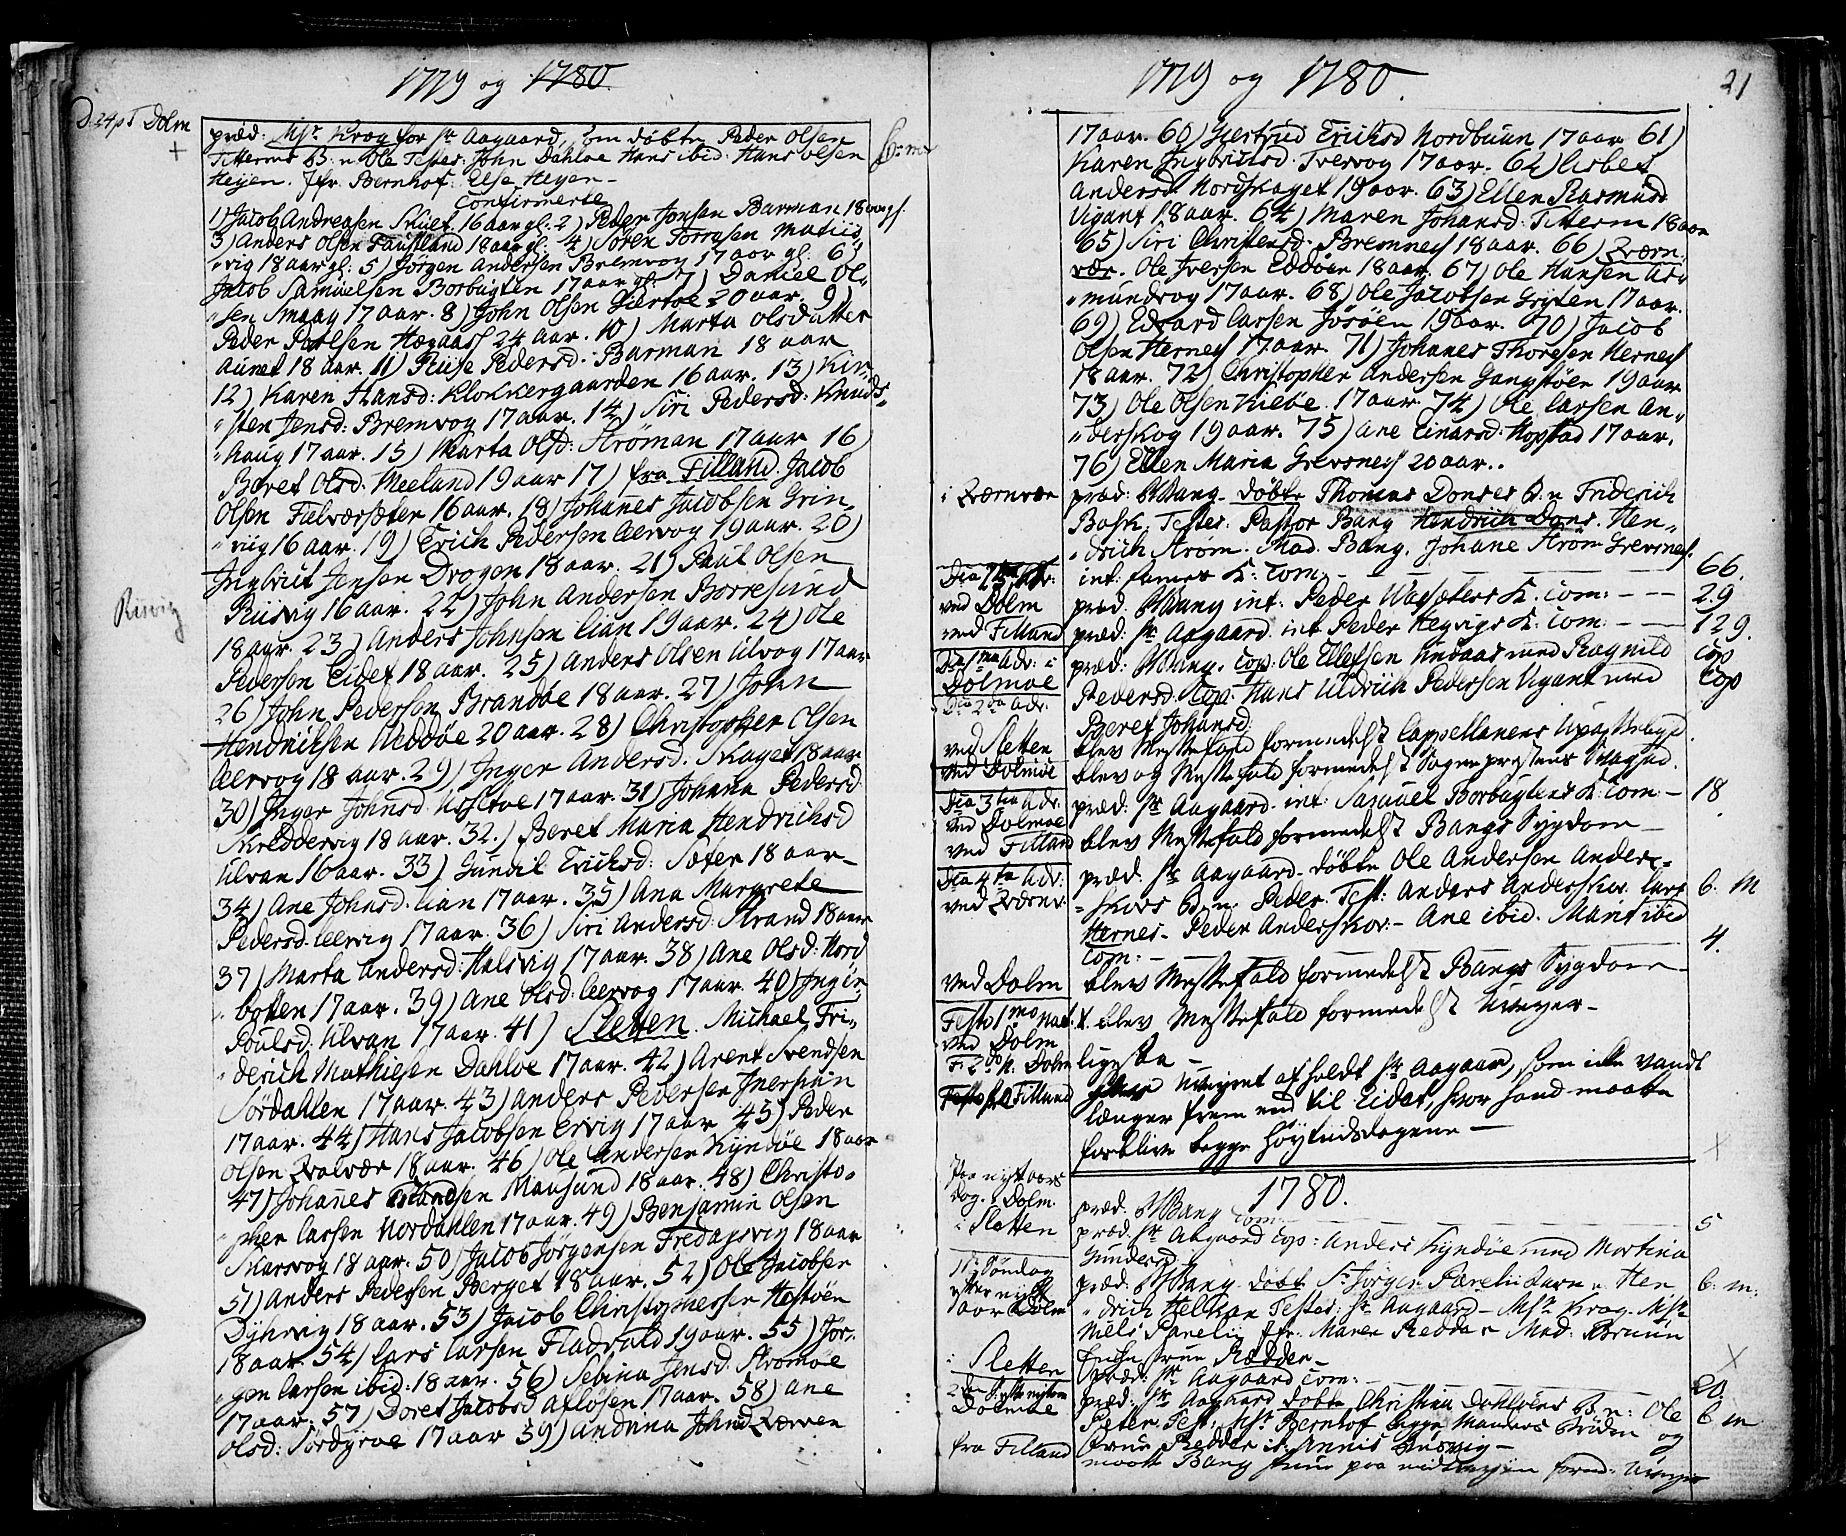 SAT, Ministerialprotokoller, klokkerbøker og fødselsregistre - Sør-Trøndelag, 634/L0526: Ministerialbok nr. 634A02, 1775-1818, s. 21